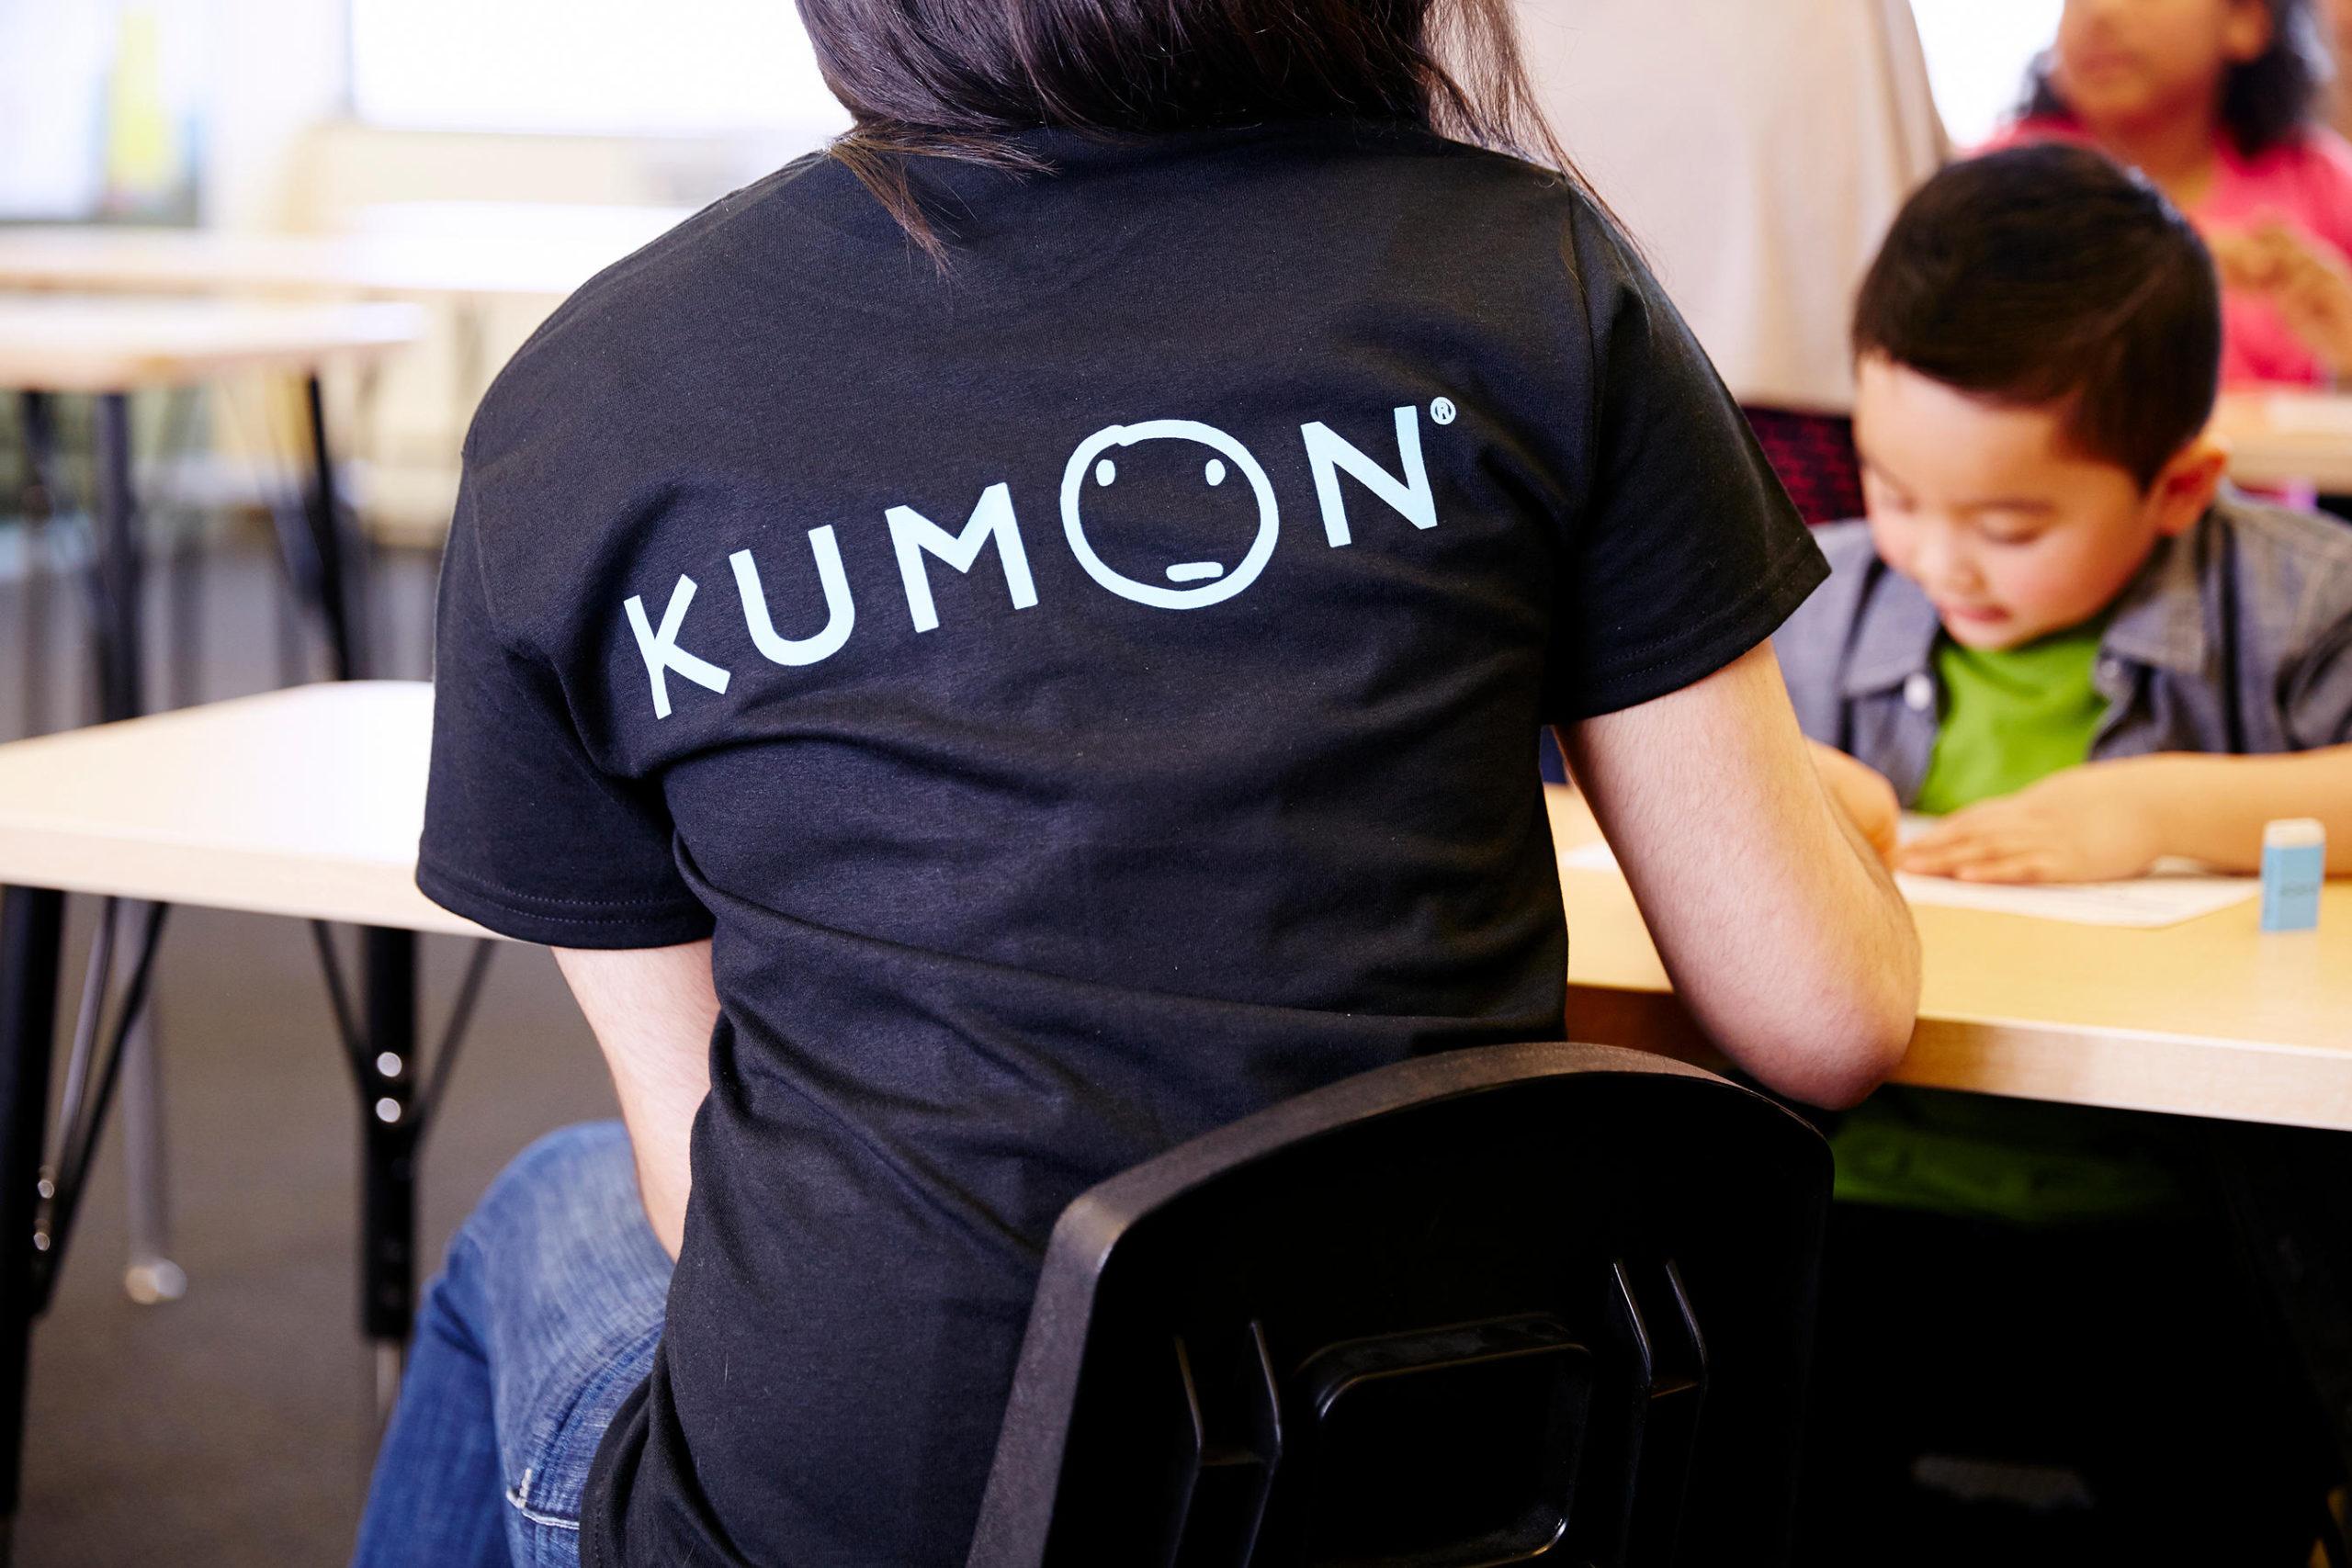 Kumon se compromete con la educación de México y Centroamérica ante desafíos por pandemia